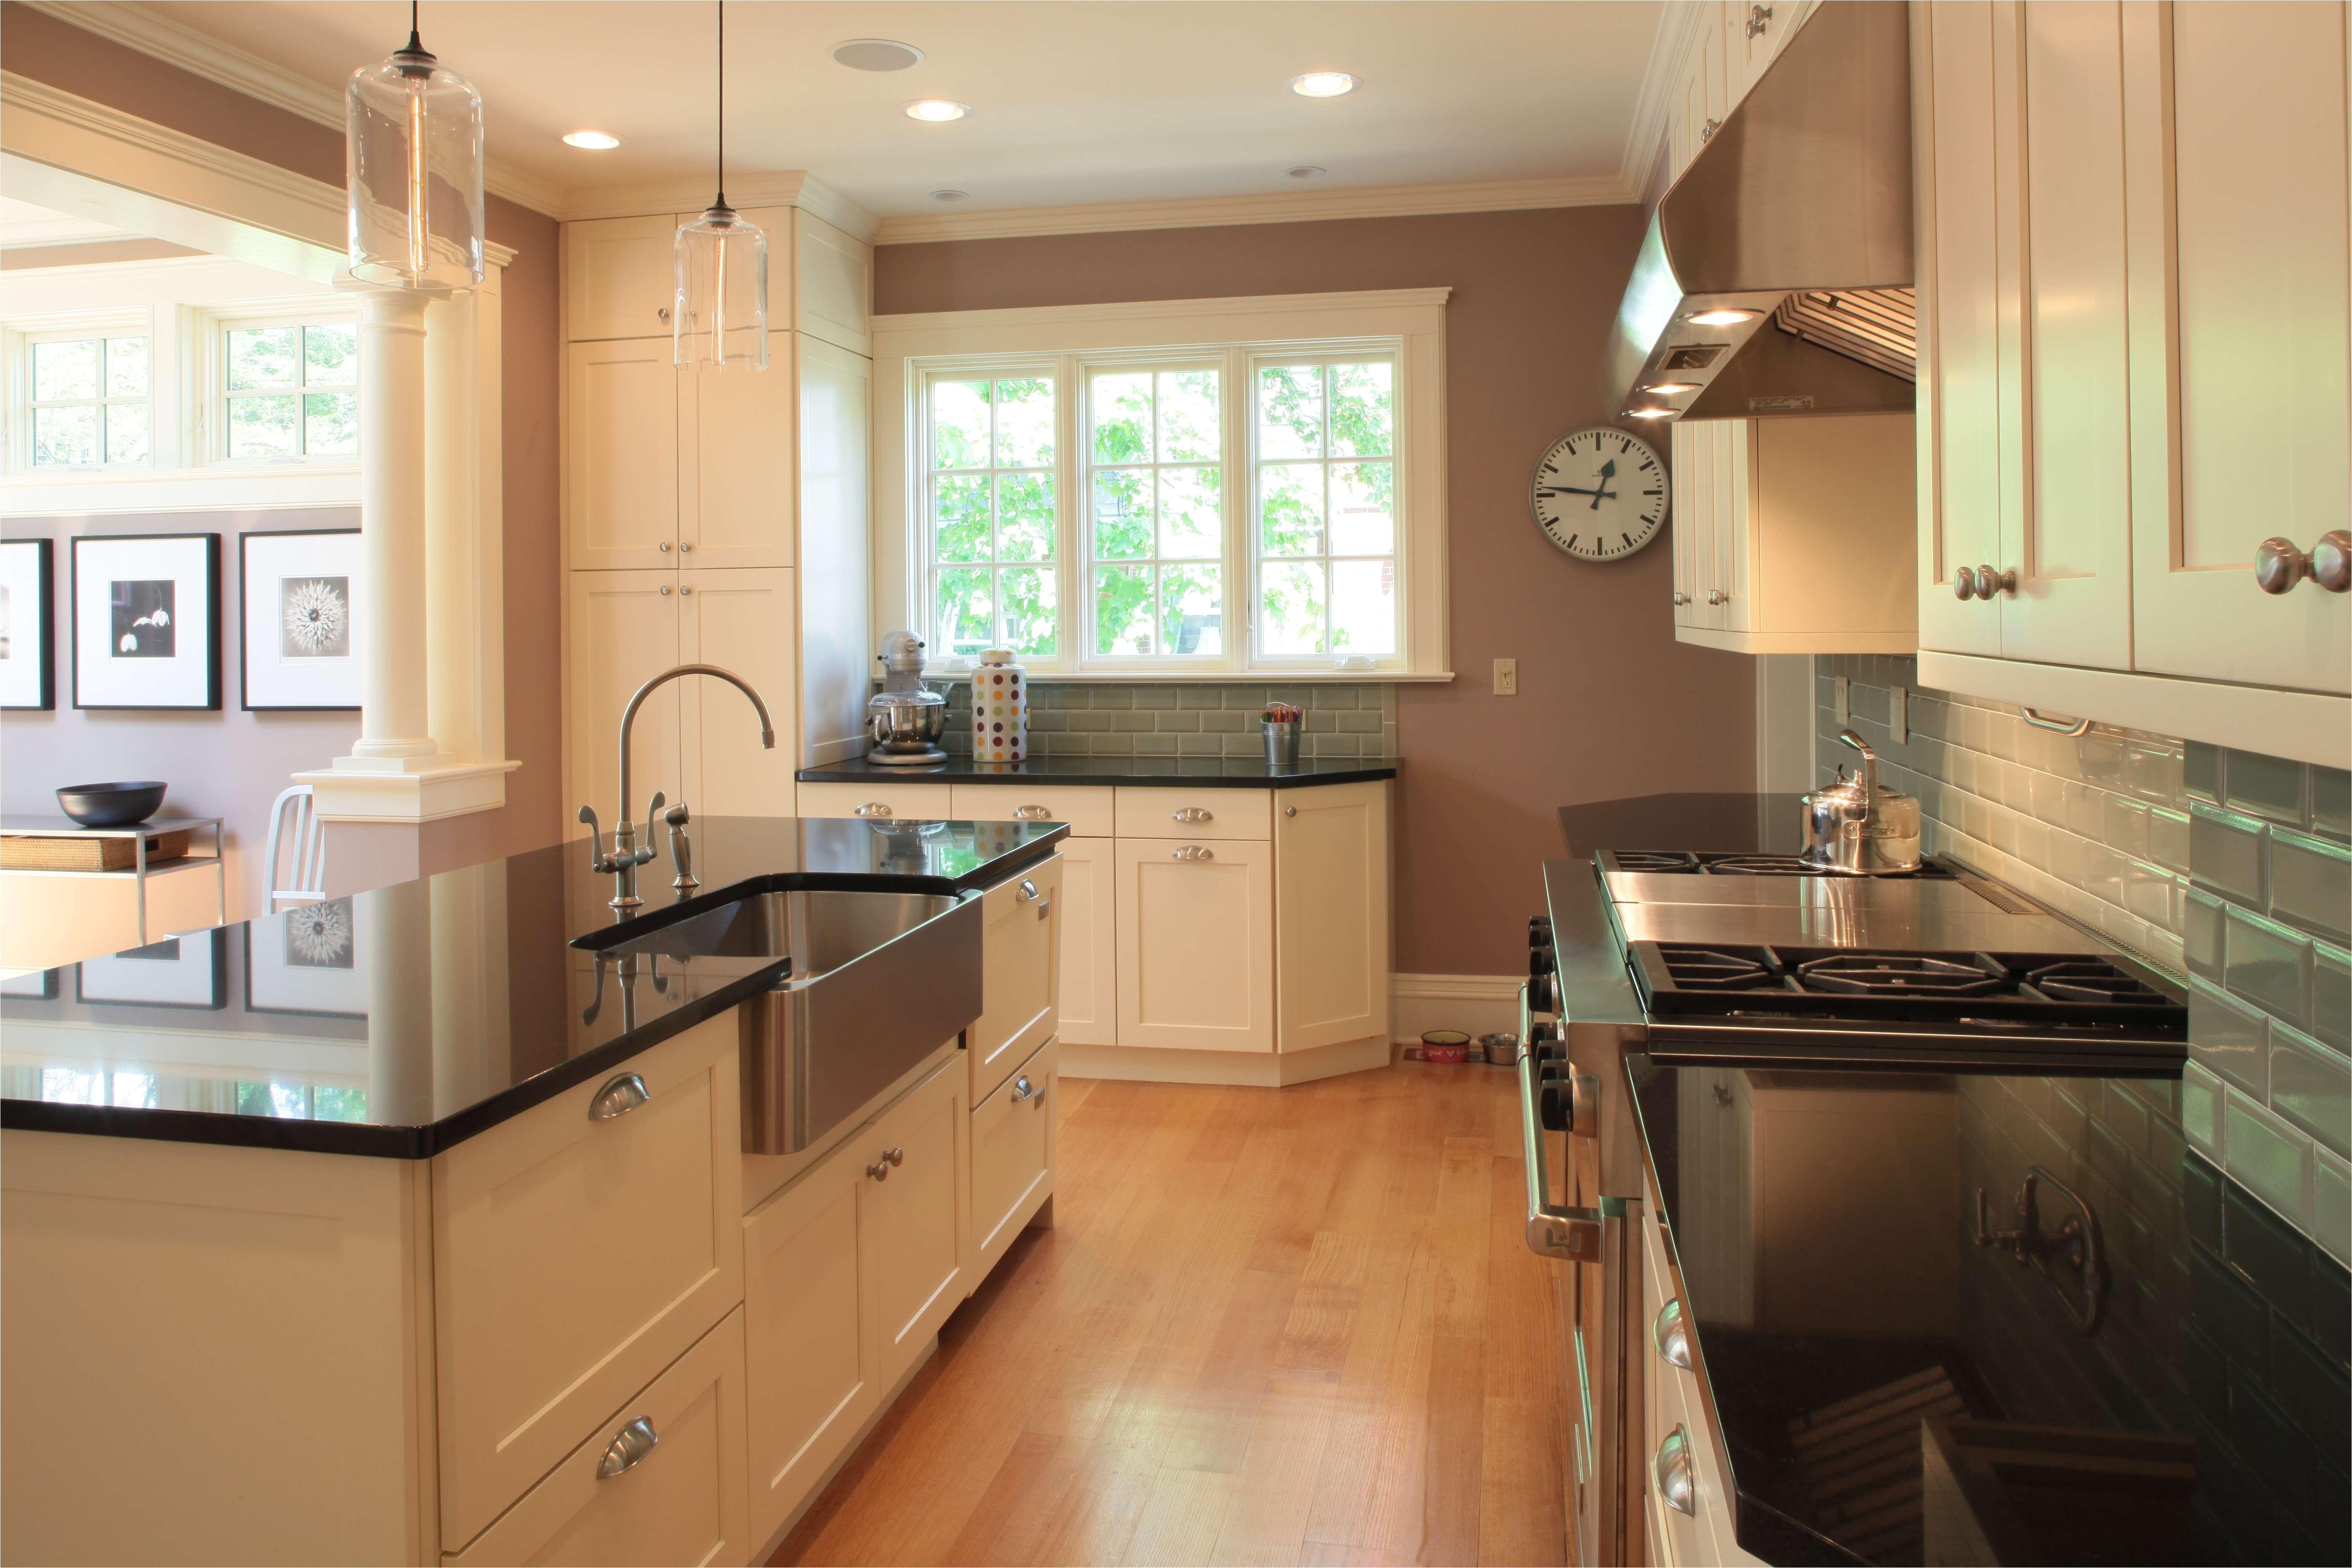 diy kitchen island unique glamorous diy kitchen island from cabinets with kitchen island of diy kitchen island